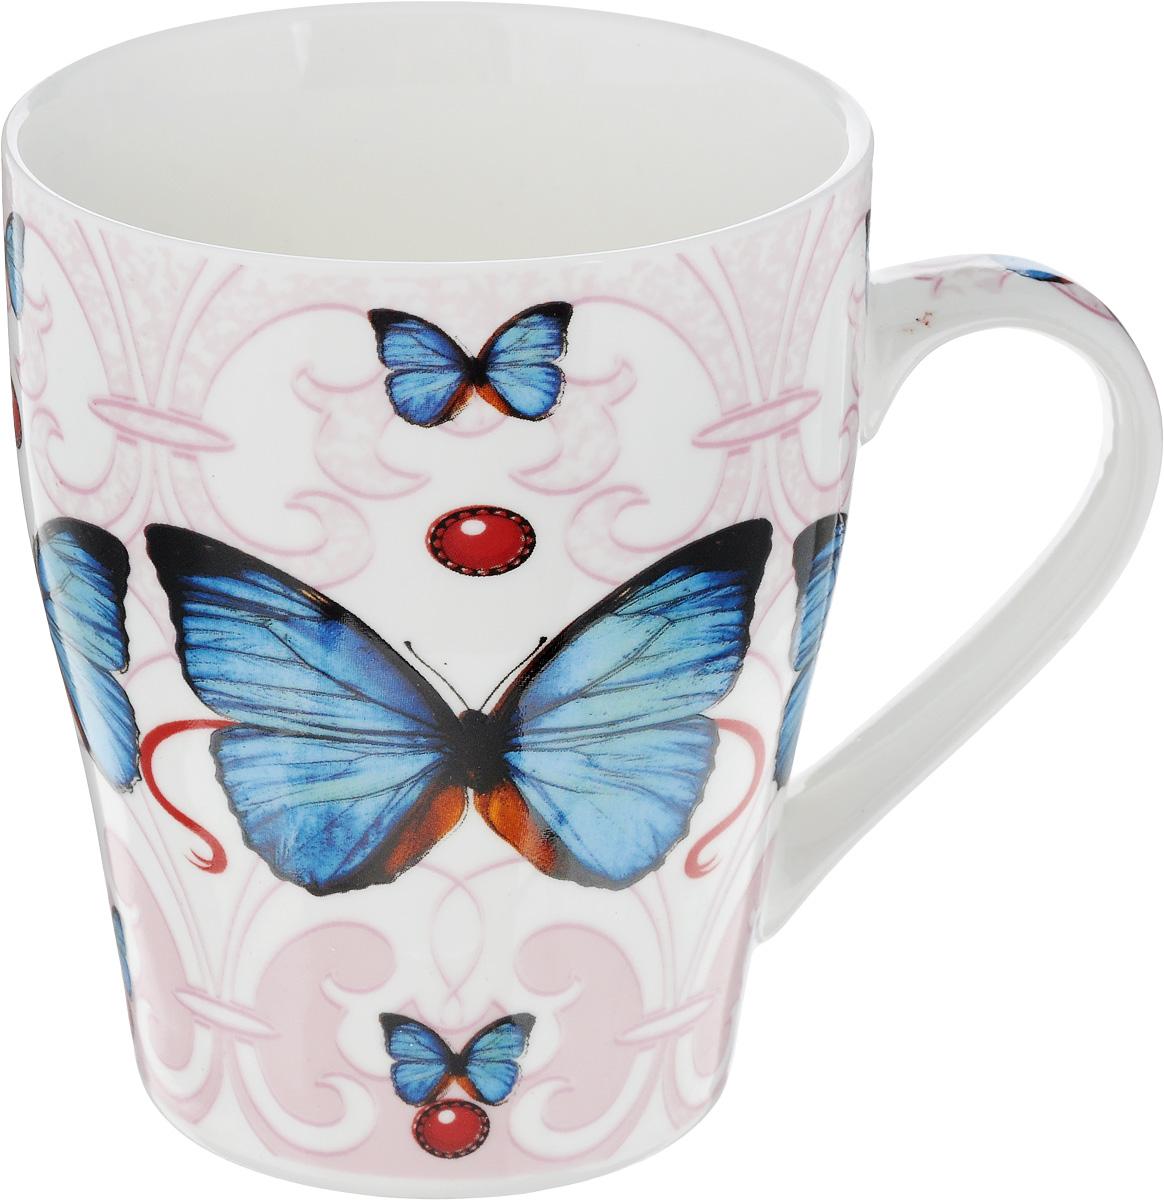 Кружка Loraine Бабочка, цвет: белый, розовый, синий, 340 мл24452_синийКружка Loraine Бабочка изготовлена из высококачественного костяного фарфора и оформлена стильным рисунком. Изящный дизайн придется по вкусу и ценителям классики, и тем, кто предпочитает современный стиль. Она настроит на позитивный лад и подарит хорошее настроение с самого утра. Кружка Loraine Бабочка - идеальный и необходимый подарок для вашего дома и для ваших друзей в праздники. Диаметр кружки: 8 см. Высота стенки: 10 см.